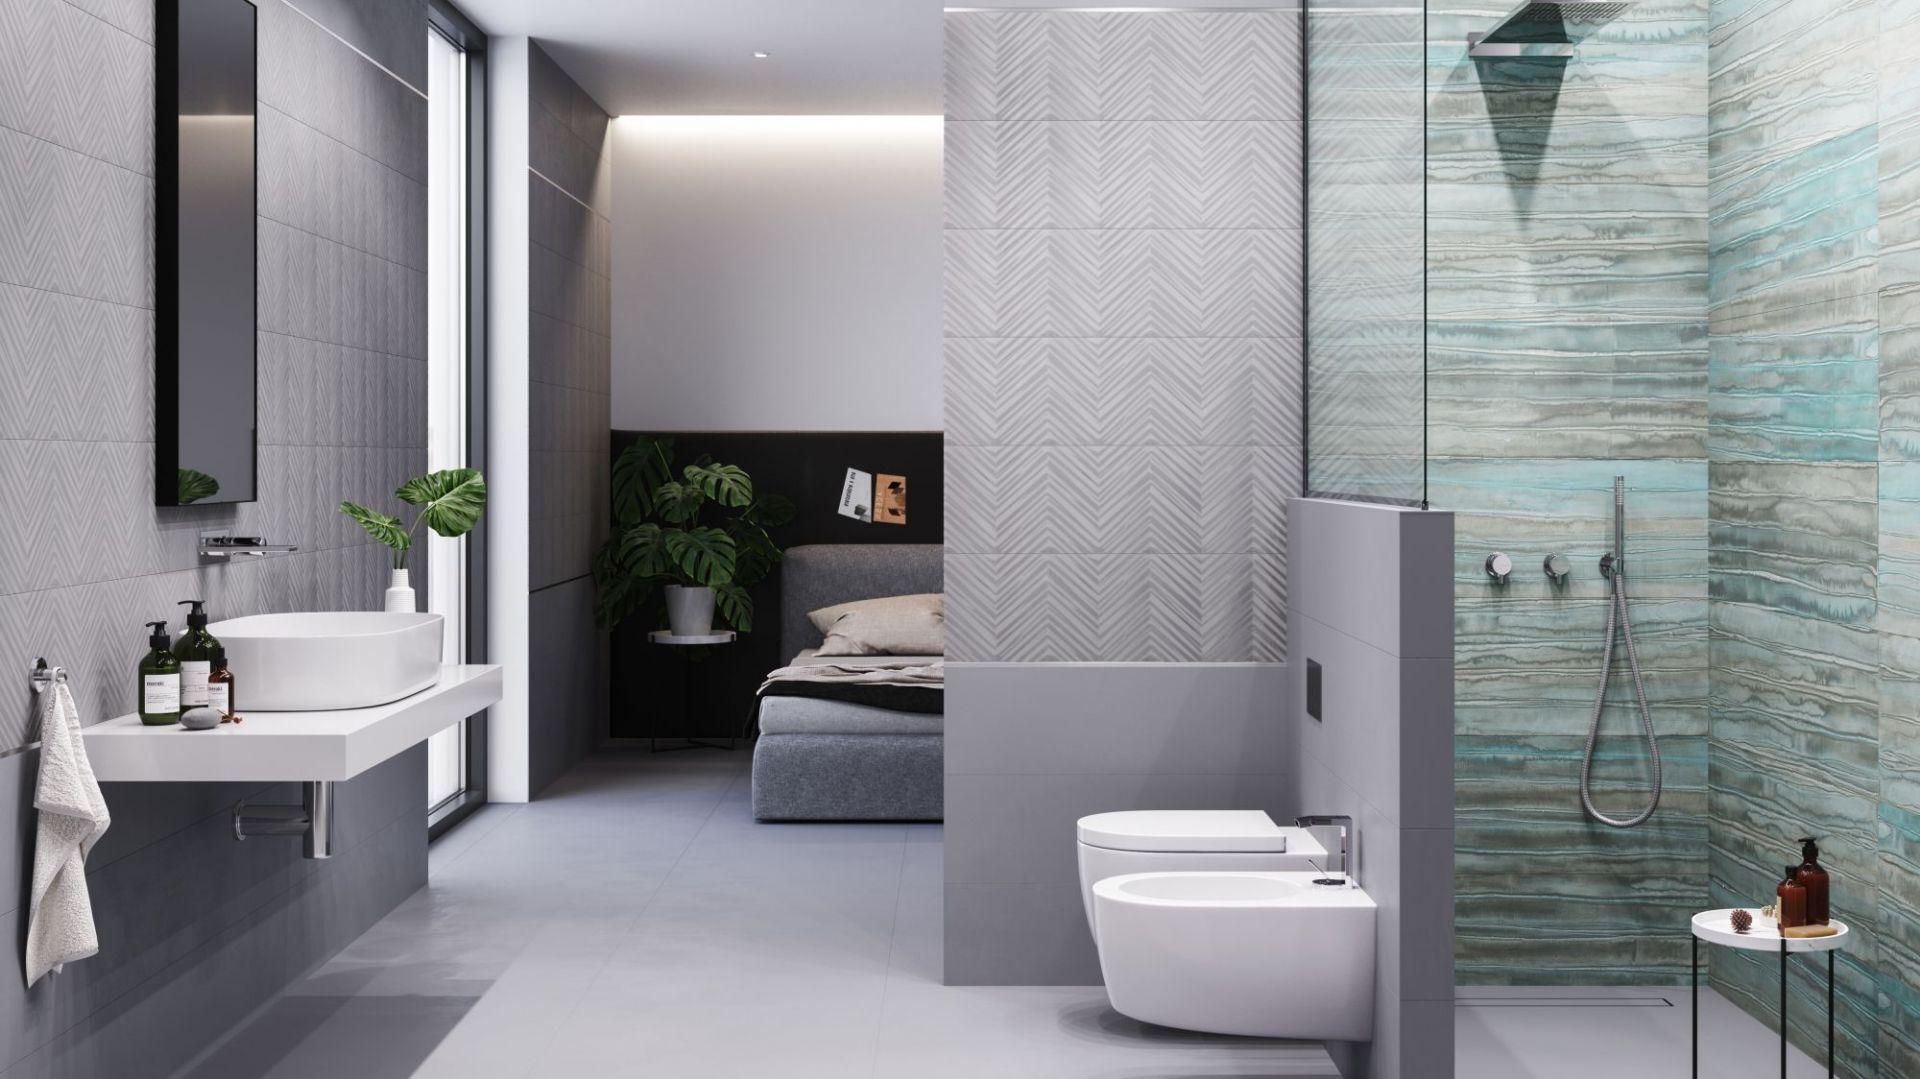 Nowoczesna łazienka. 30 pięknych kolekcji płytek ceramicznych. Fot. Studio Grey